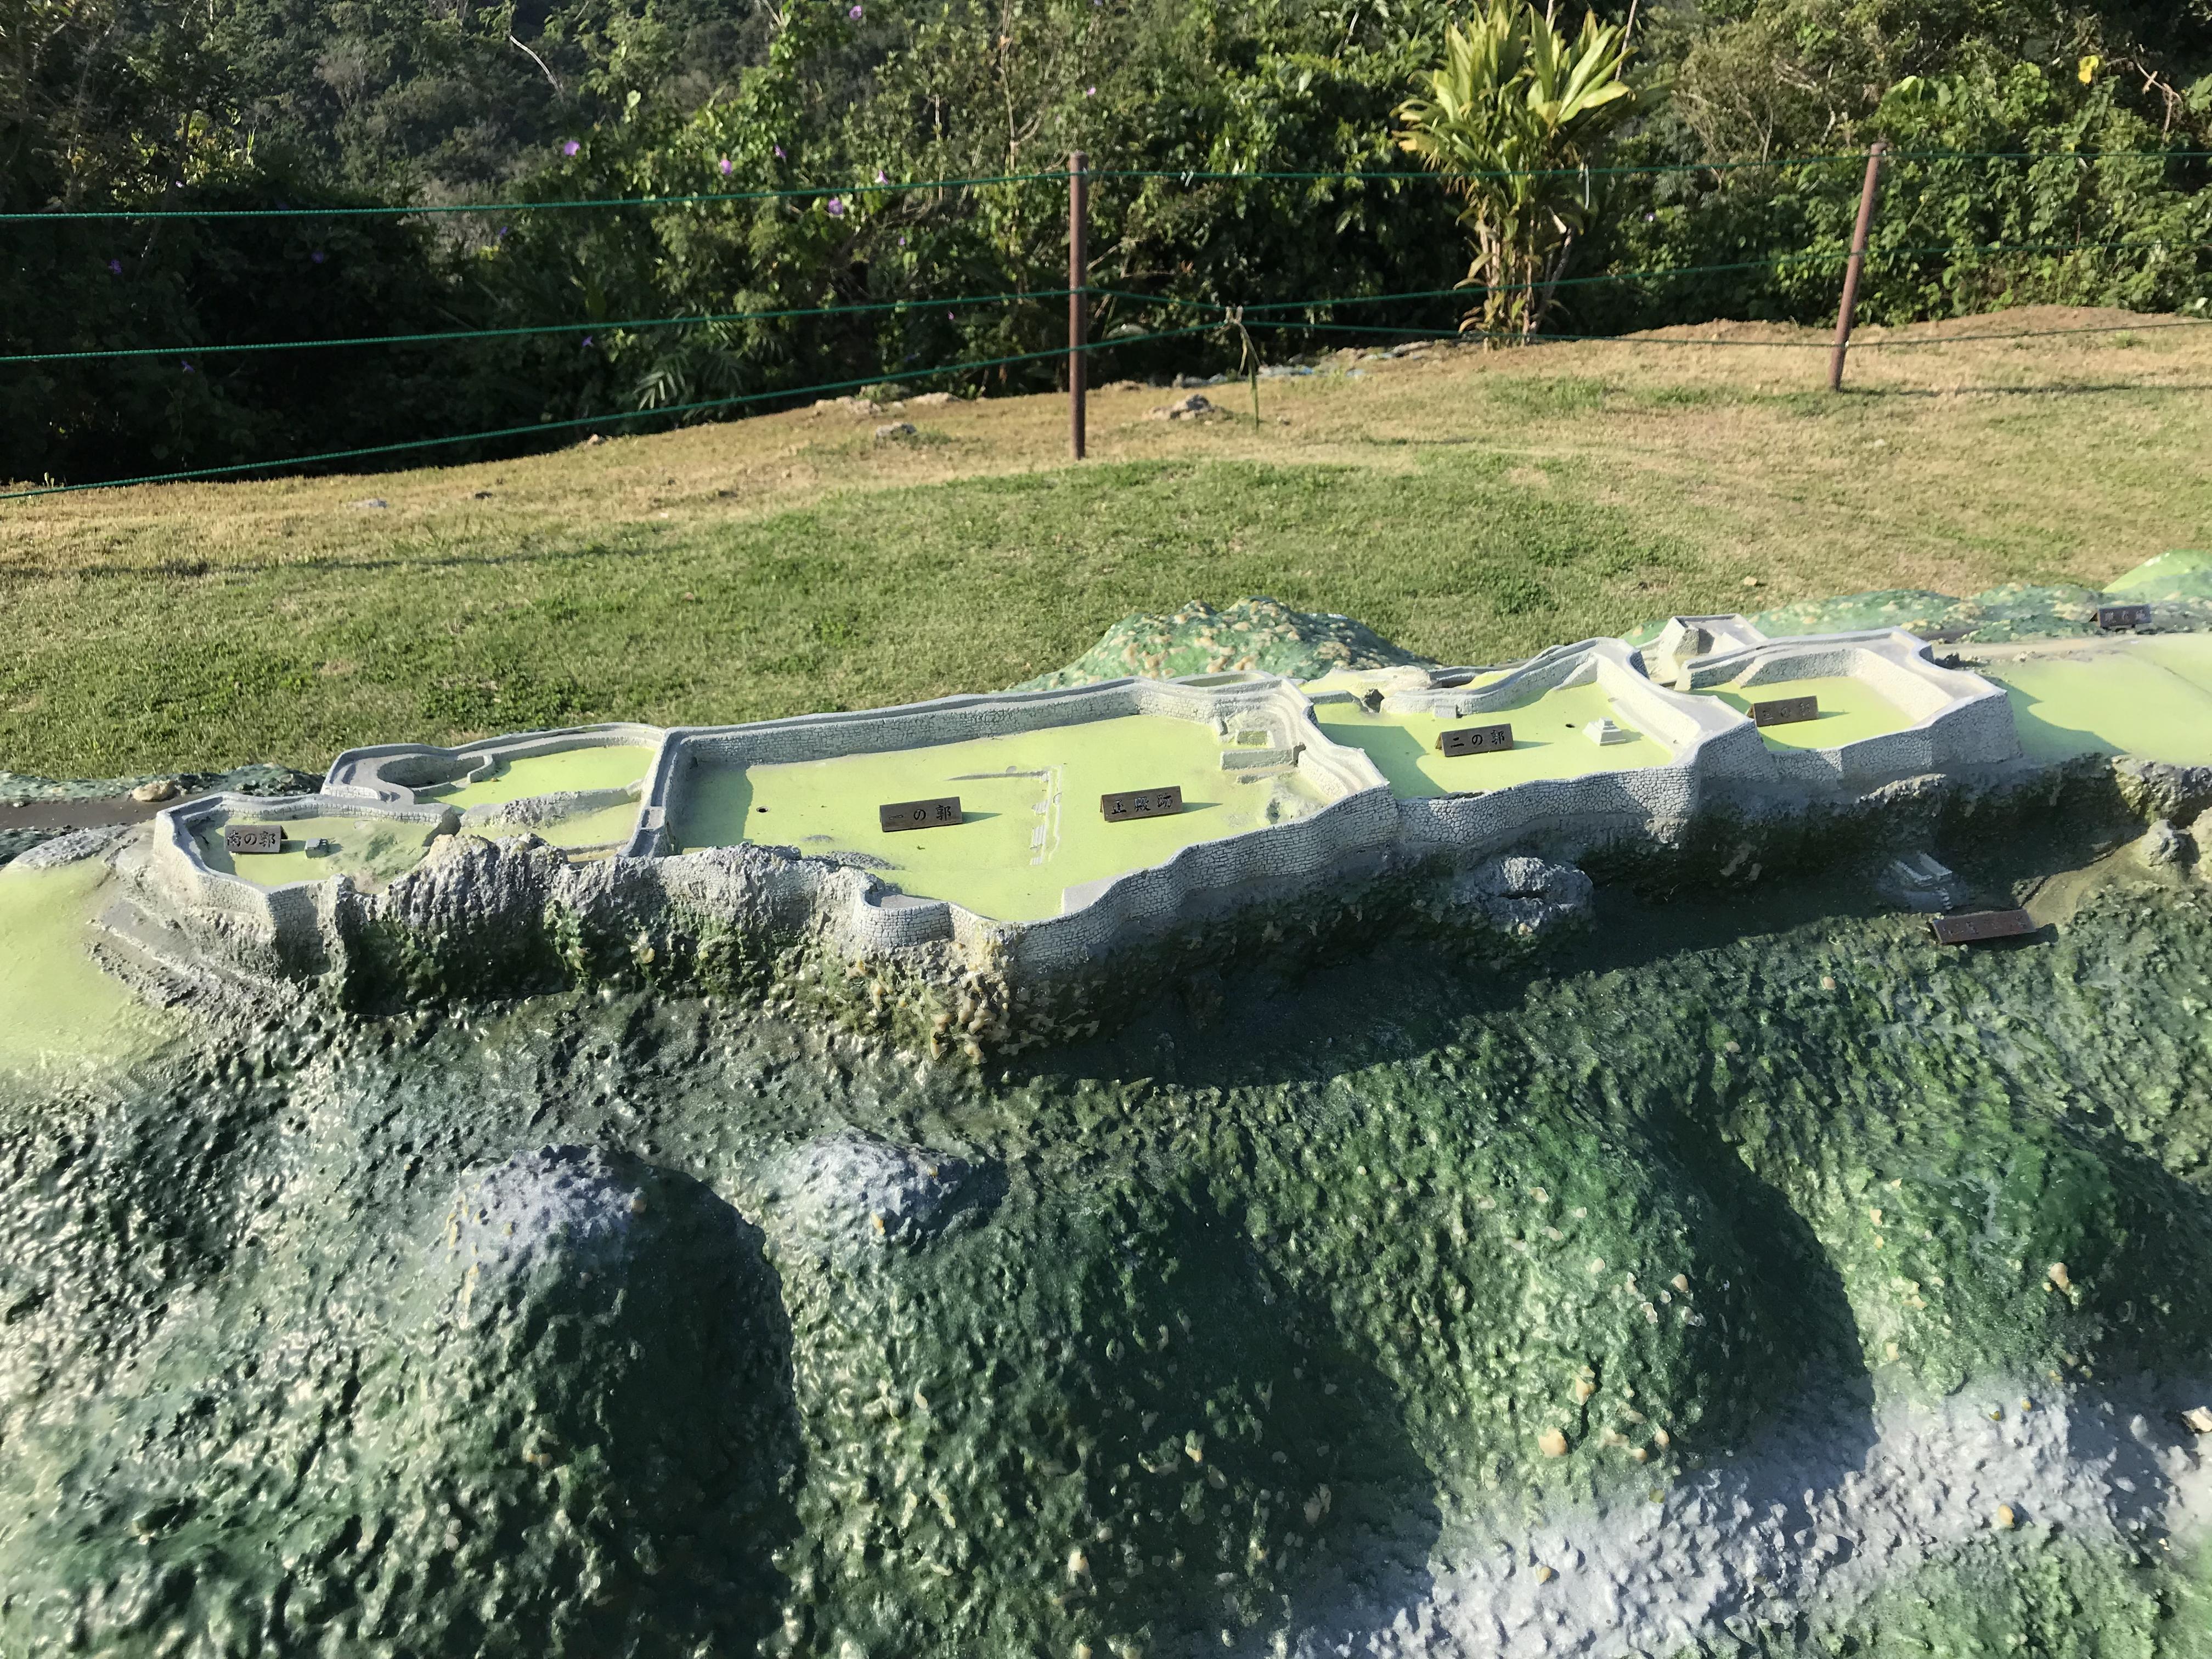 中城城跡の模型、全体像が分かる